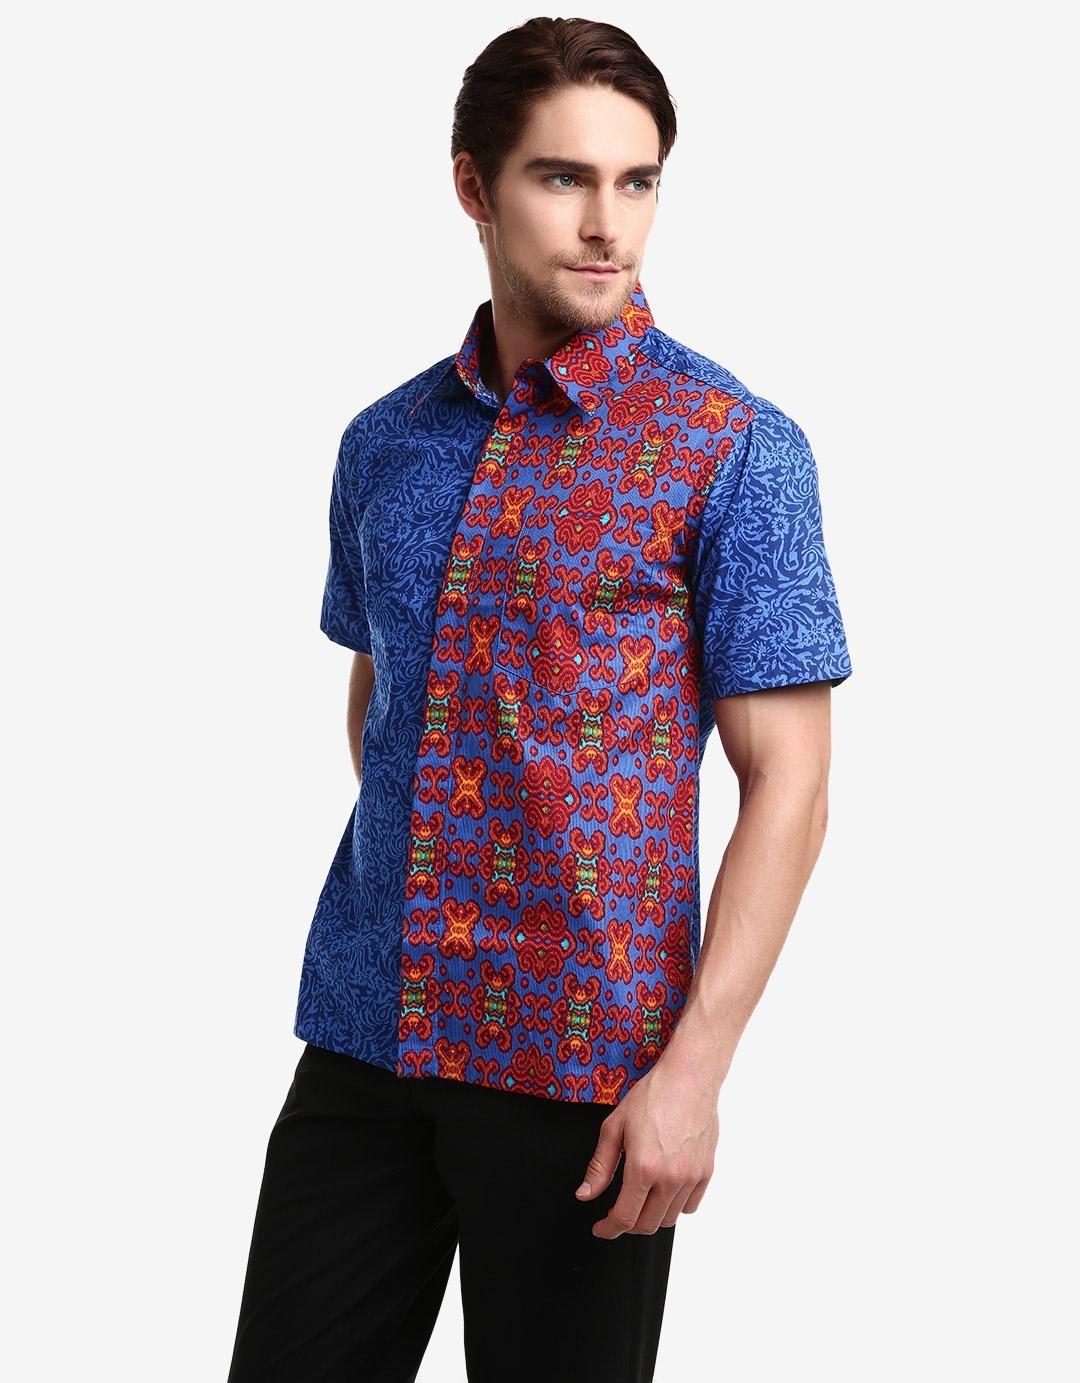 Baju Batik Pria Modern dengan Motif Terkini